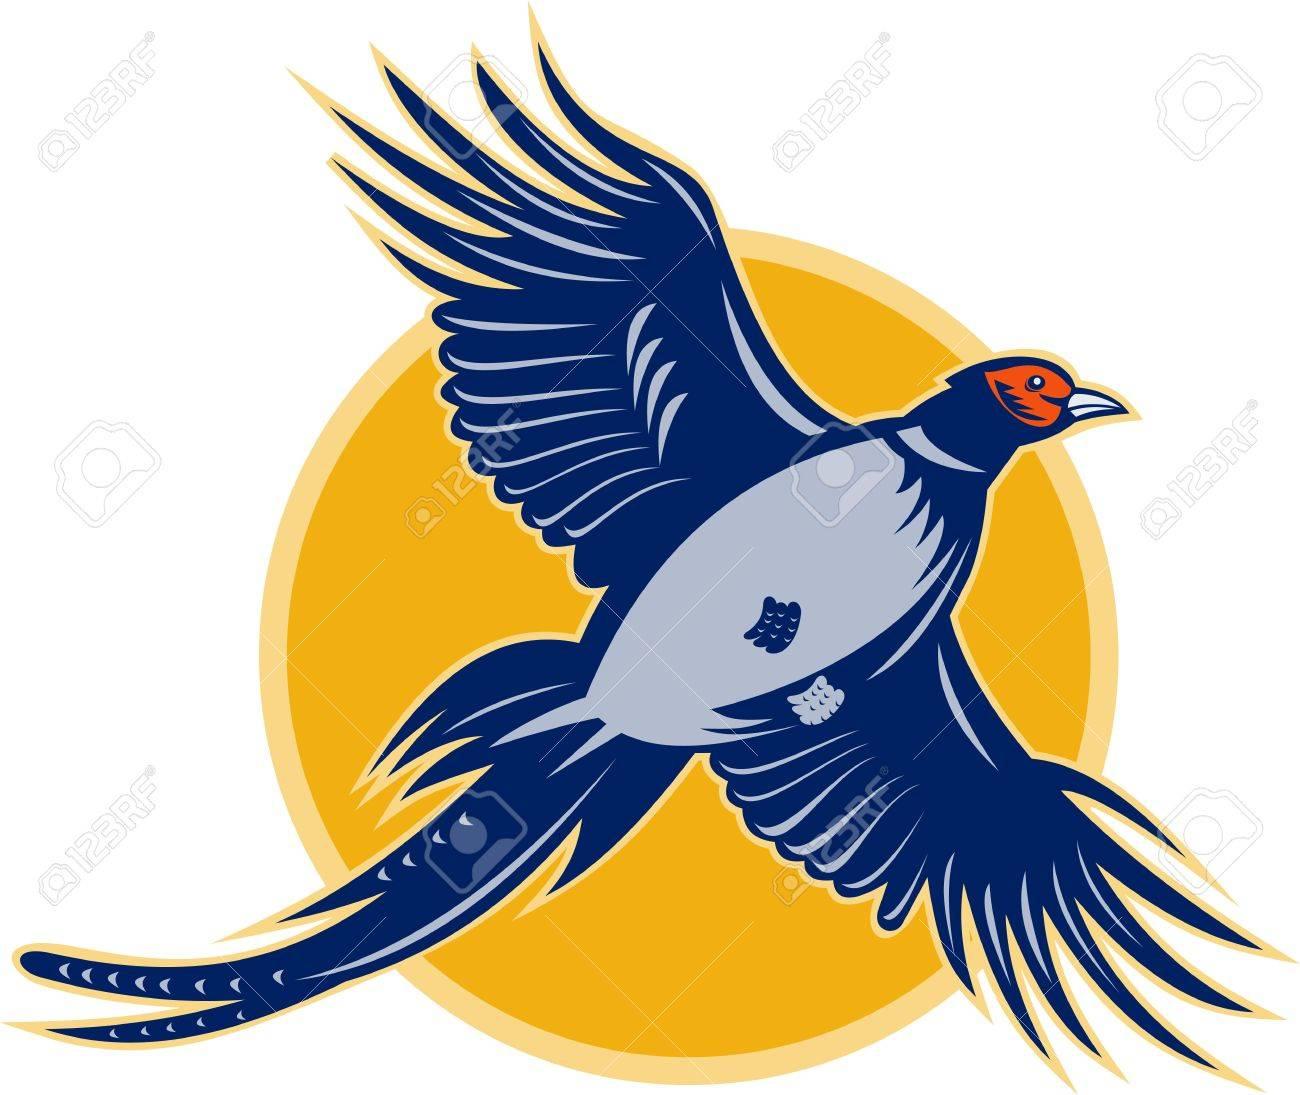 飛んでいるキジ鳥のイラストは低い角度から見た の写真素材画像素材